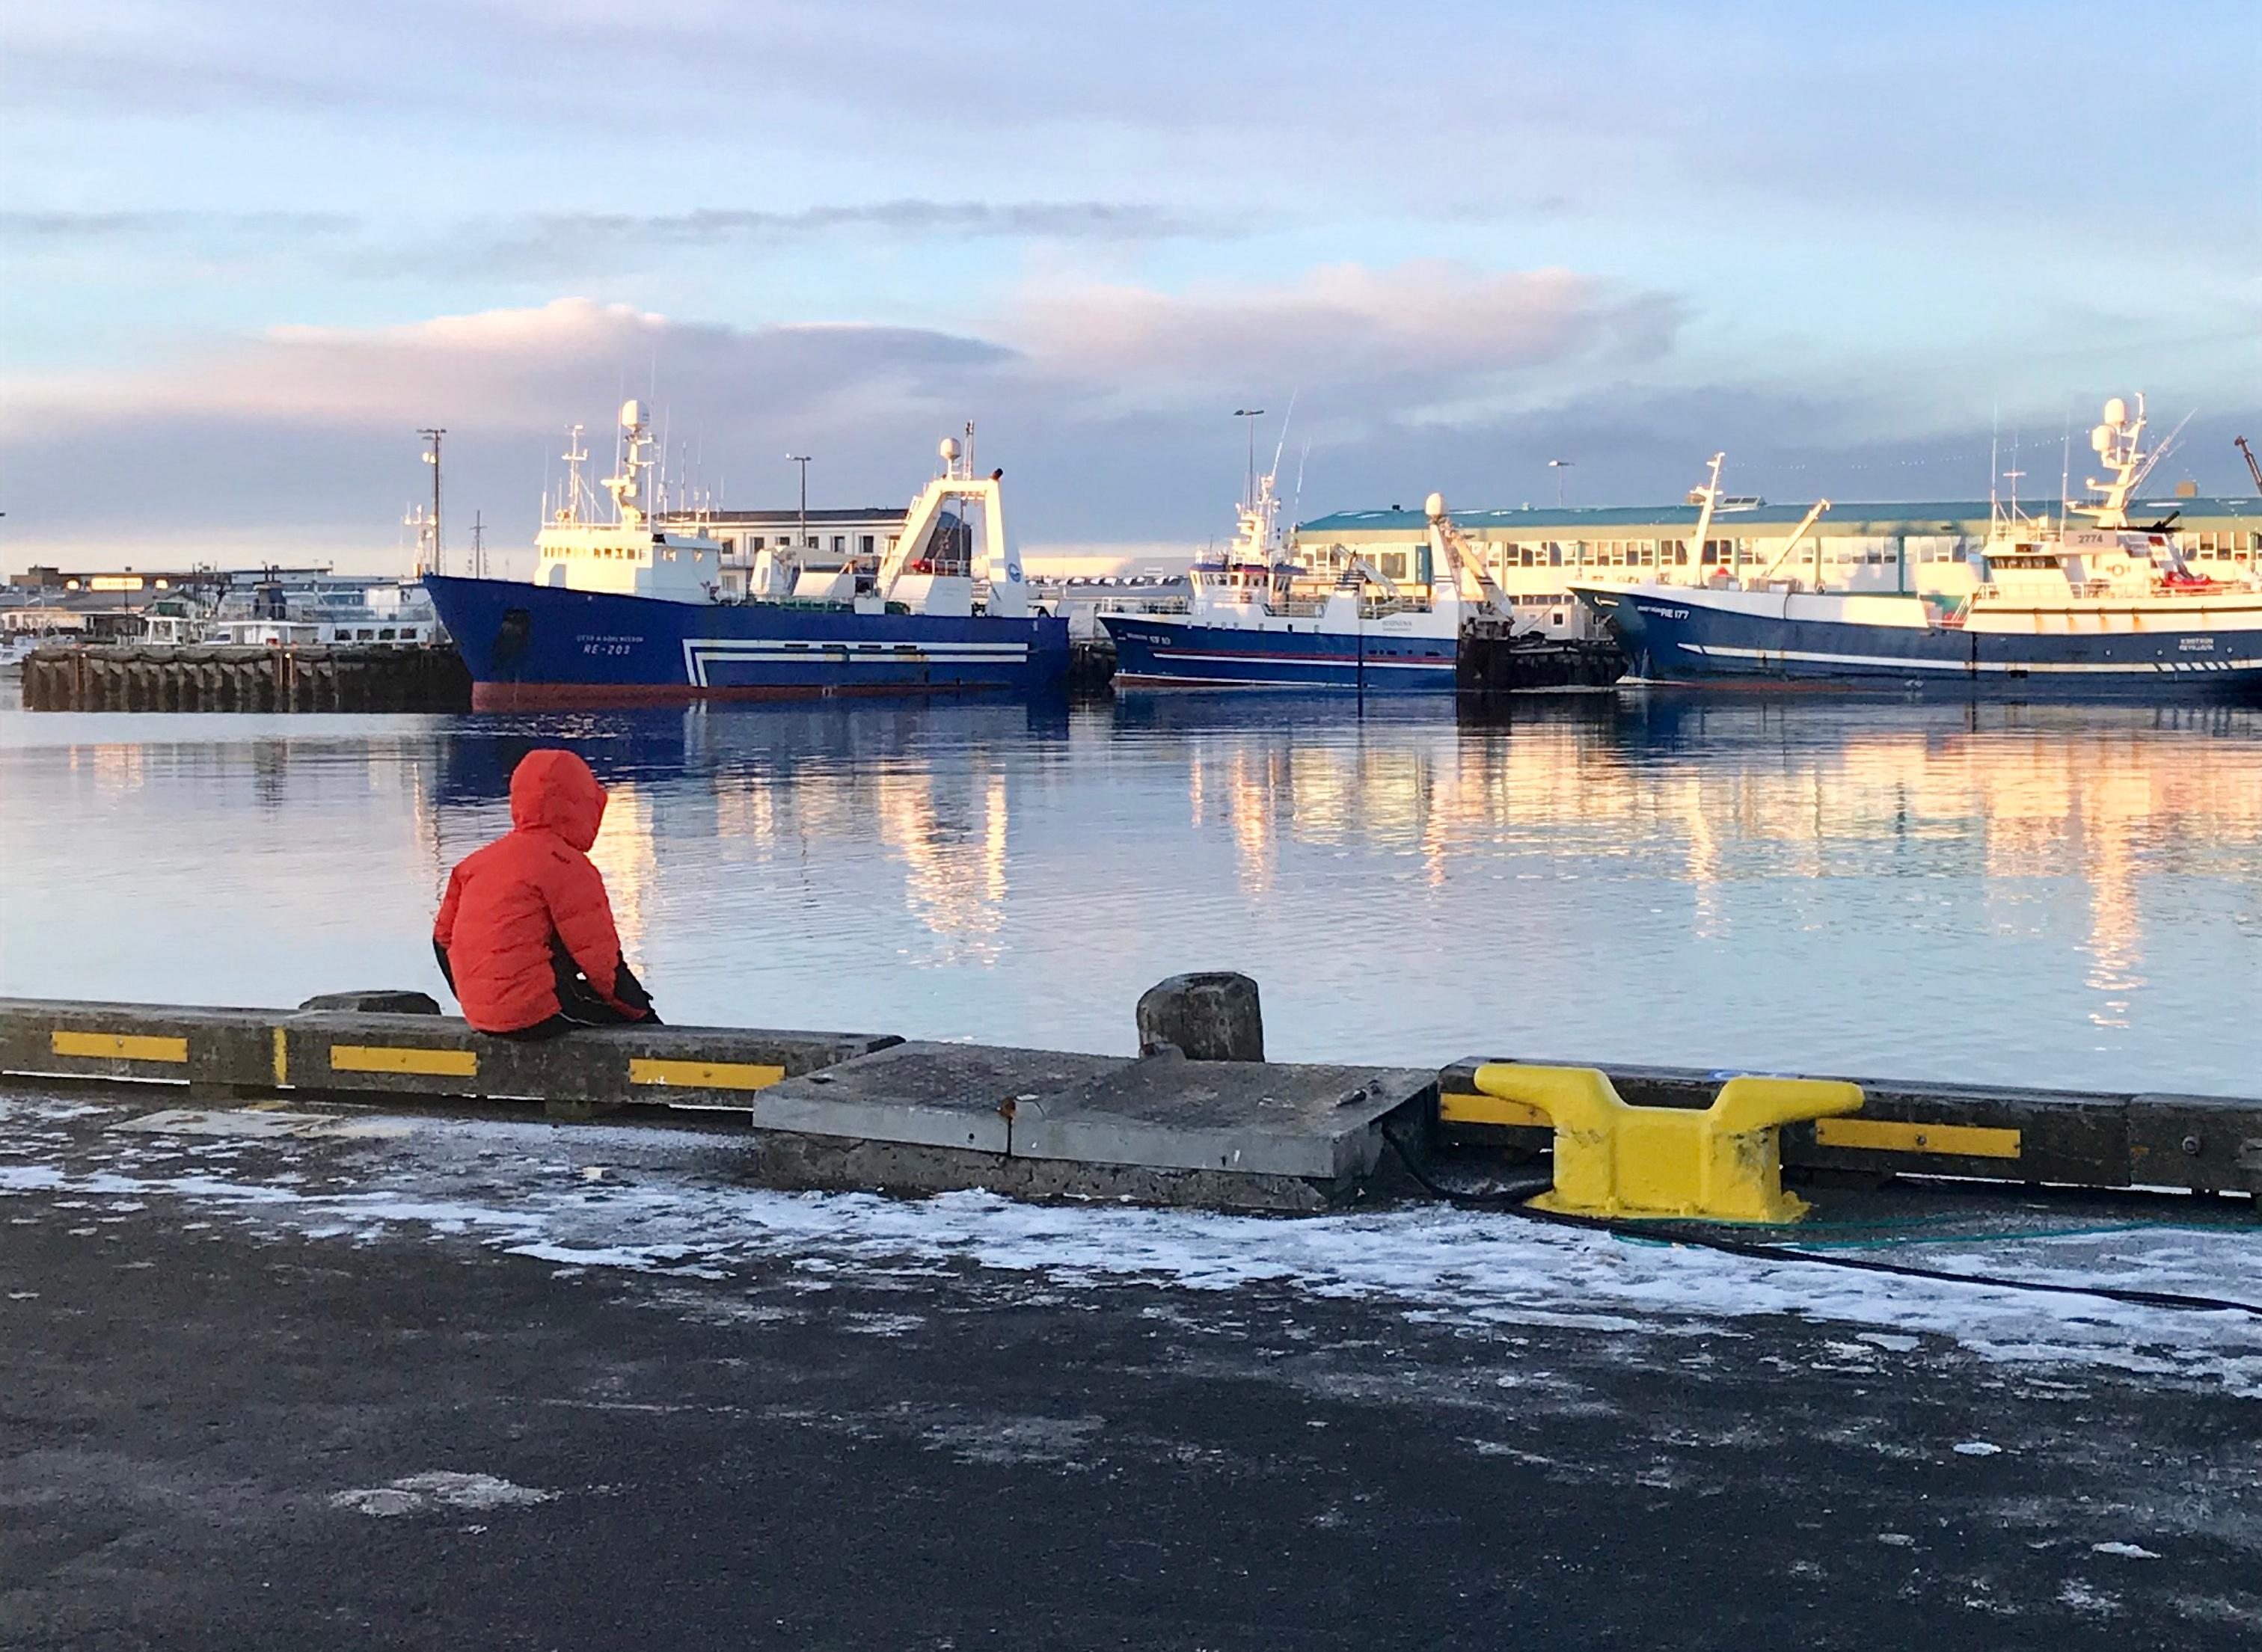 Reykjavik Iceland harbor